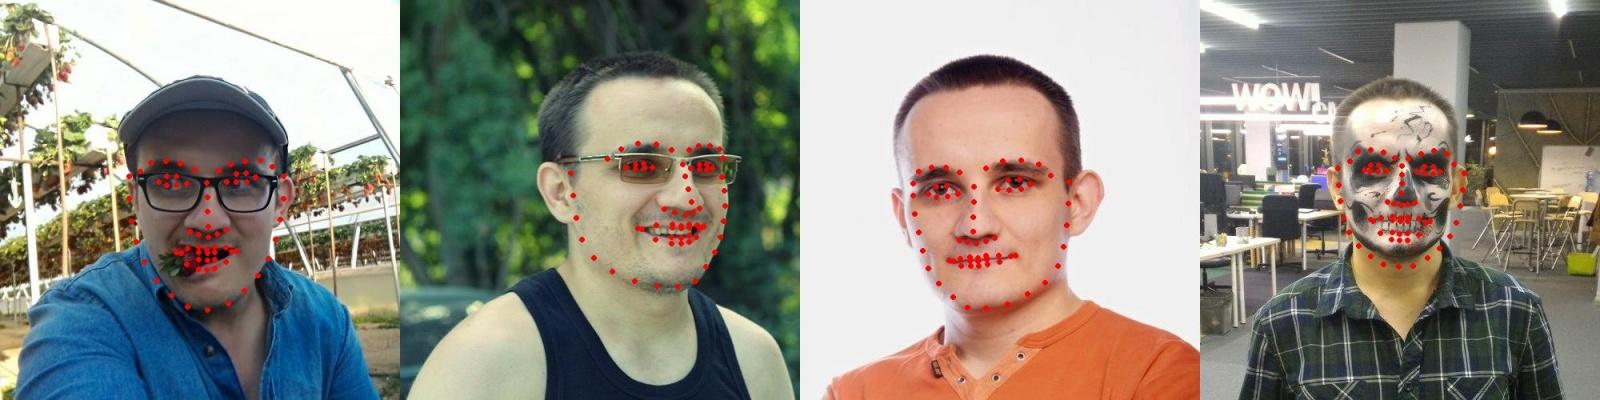 Компьютерное зрение и машинное обучение в PHP используя библиотеку opencv - 1